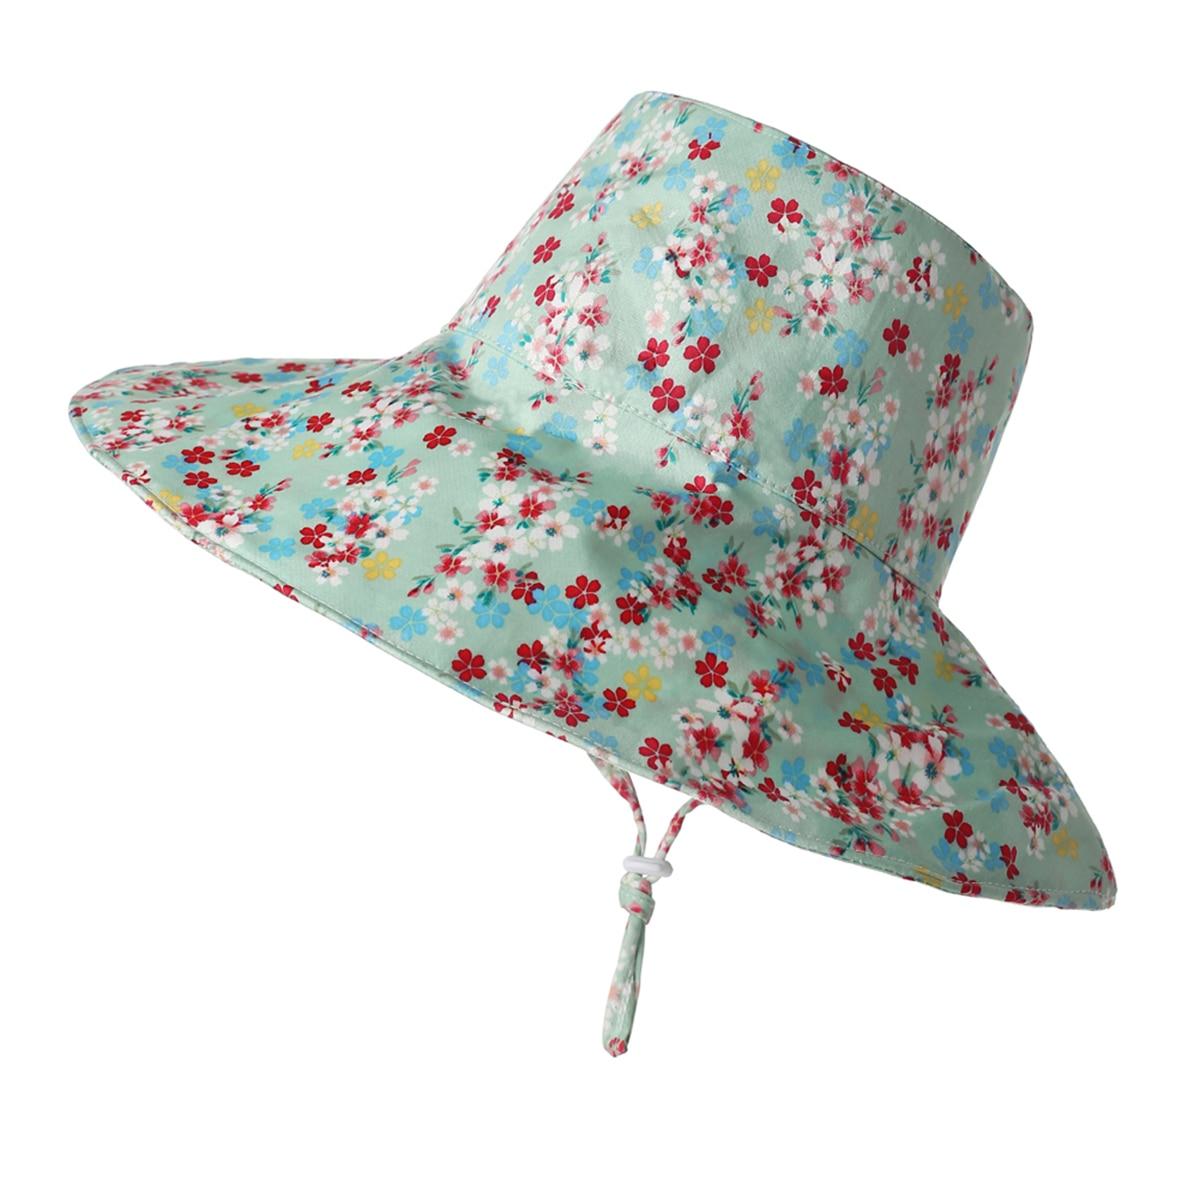 Шляпа от солнца AA для девочек, аксессуары, Летняя женская панама с цветочным рисунком и кулиской, шляпа от солнца